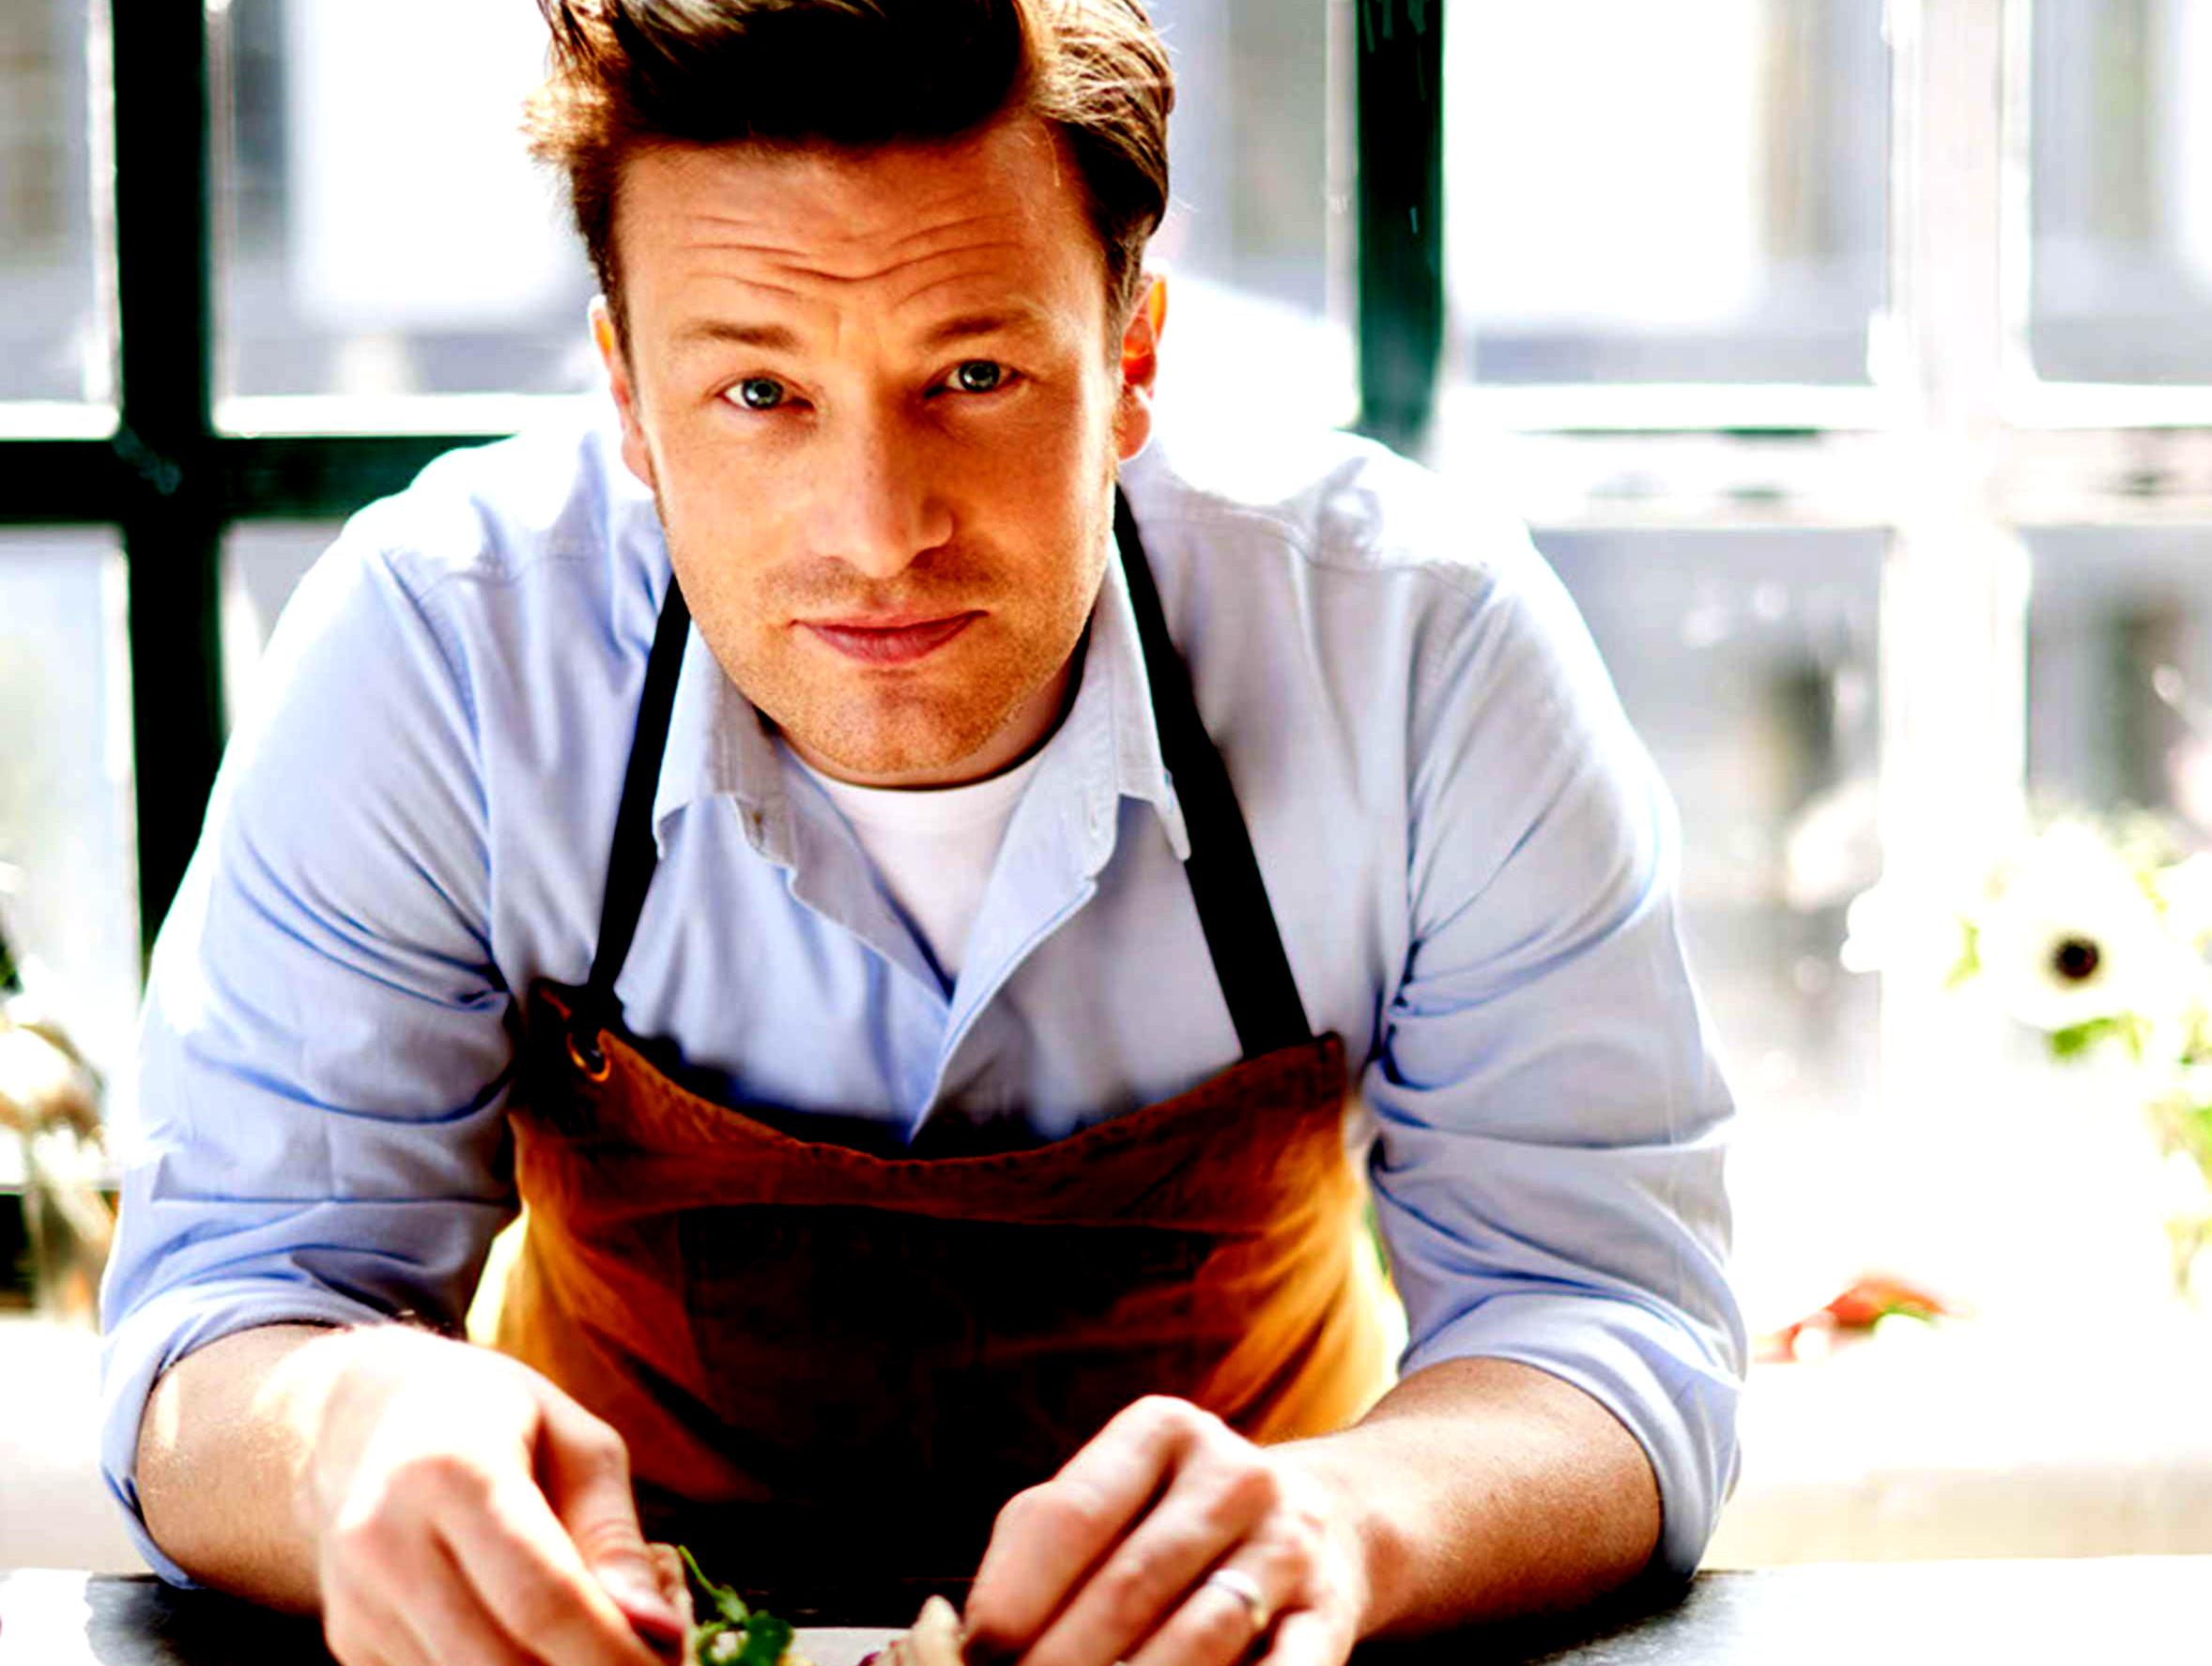 Chef Jamie Oliver a slăbit 12 kilograme mâncând mai mult decât înainte